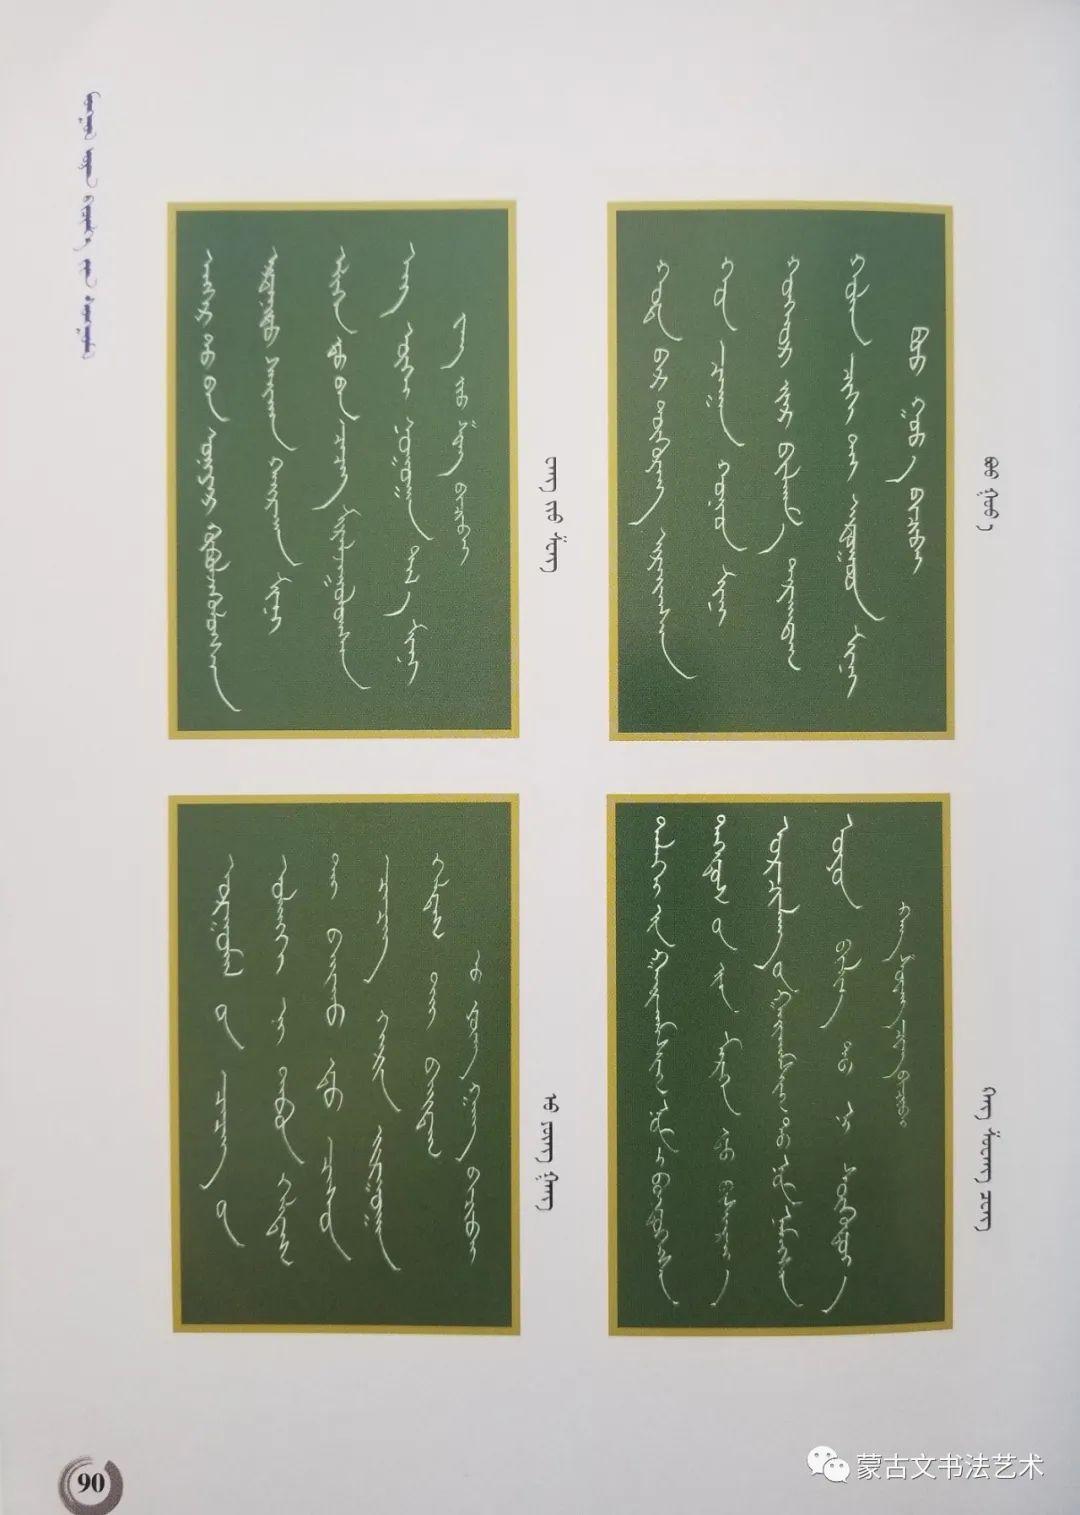 蒙古文书法作品集 第20张 蒙古文书法作品集 蒙古书法